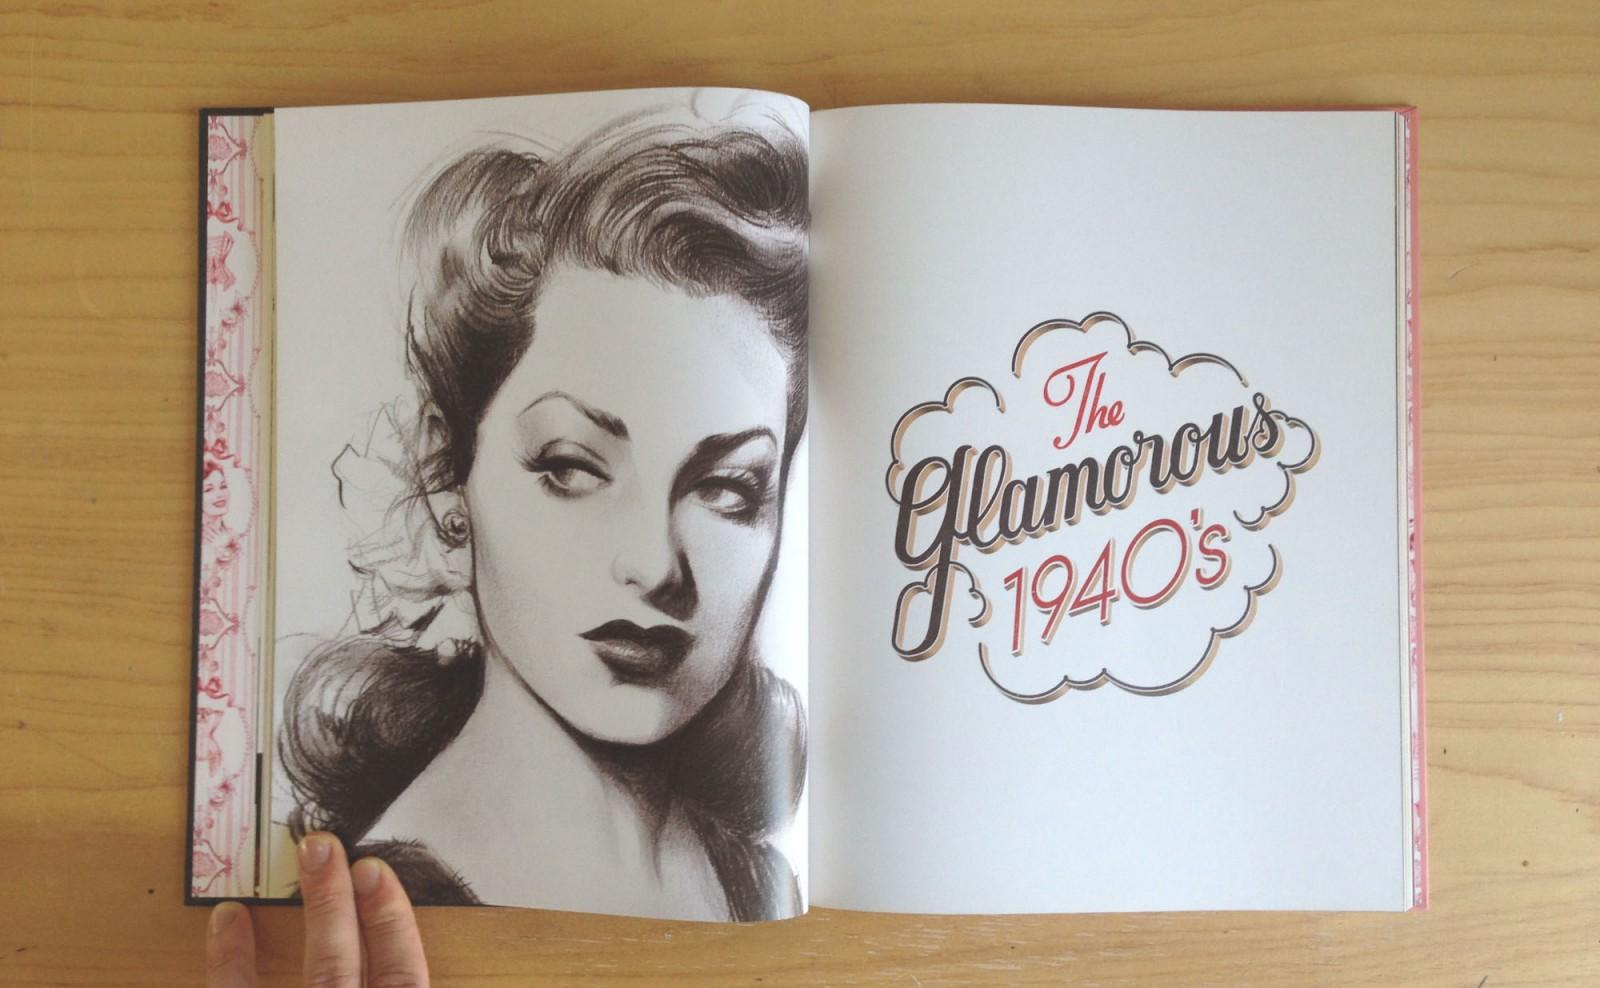 MALY-40s-TheGlamorous-book